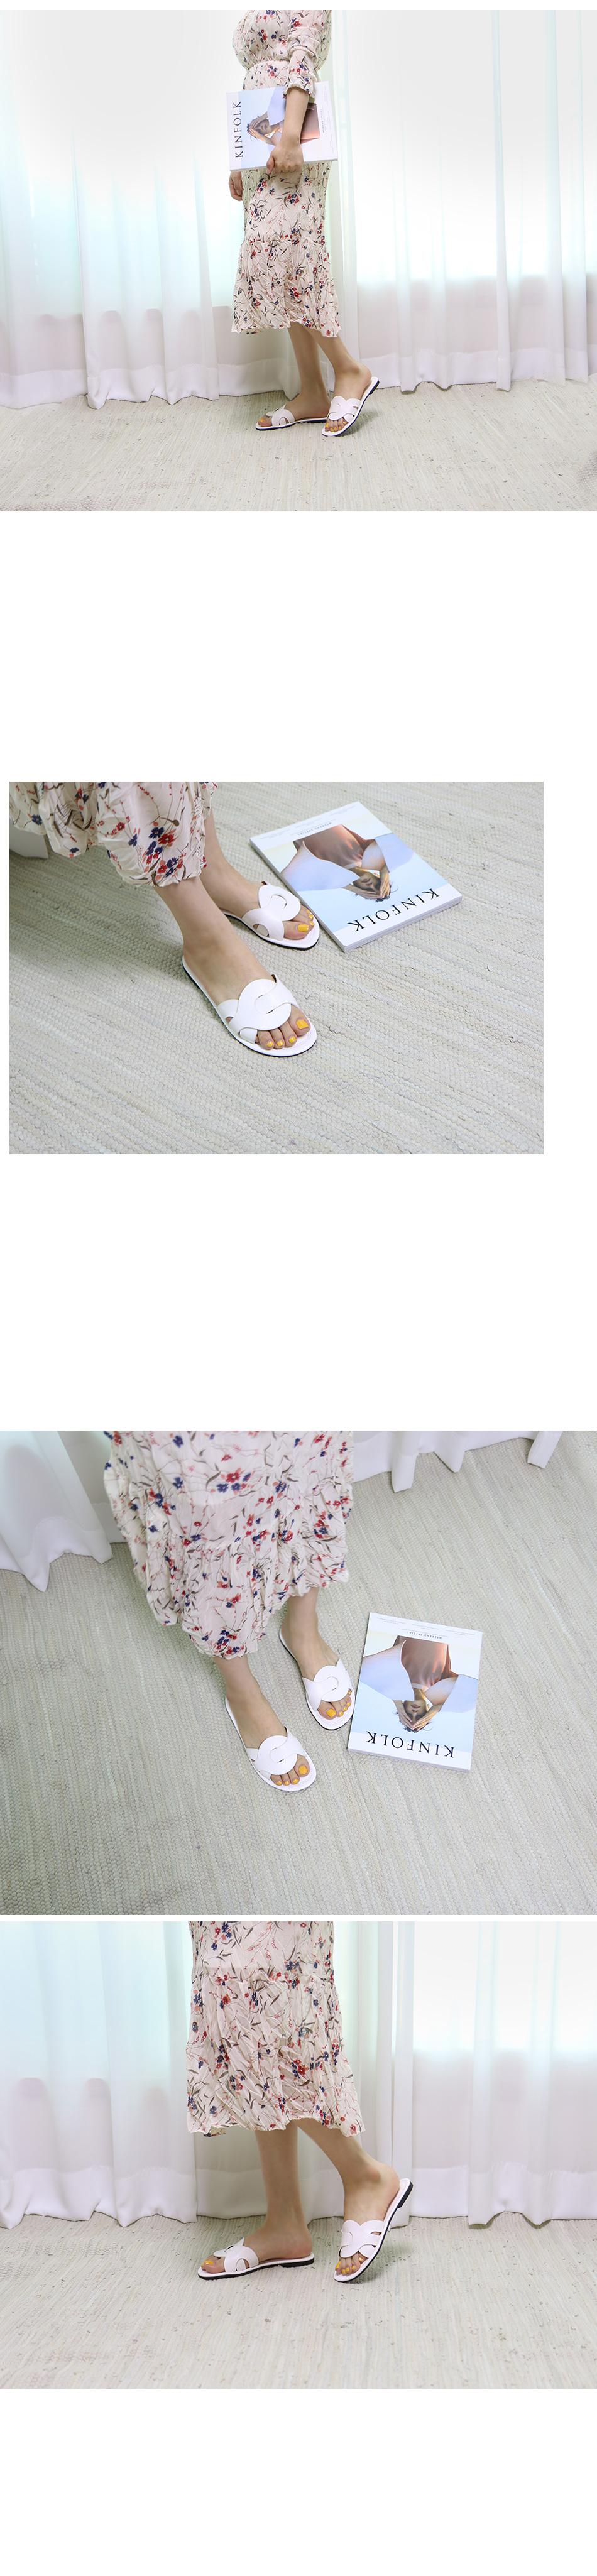 지오즈 스트랩 슬리퍼 착용컷